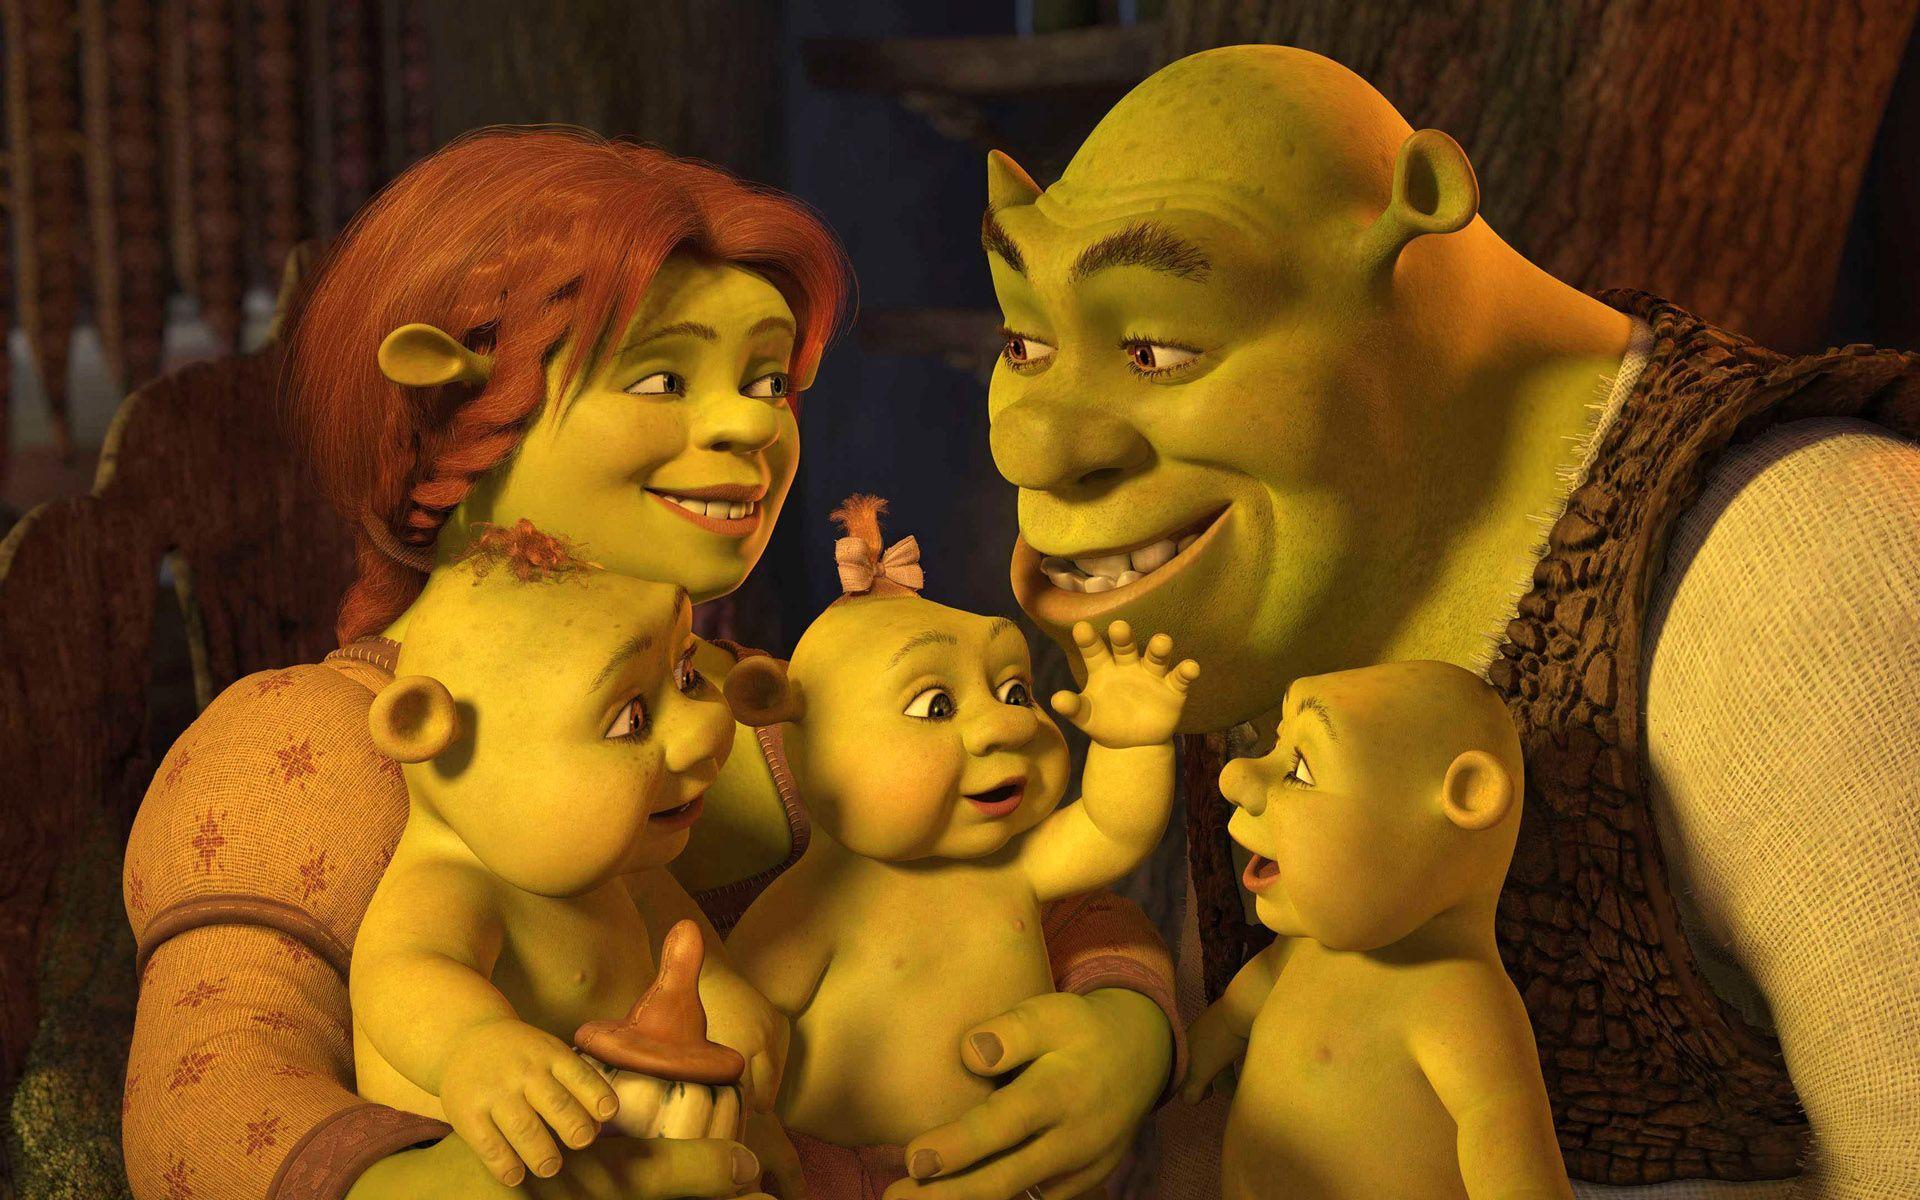 shrek family desktop wallpaper 51303